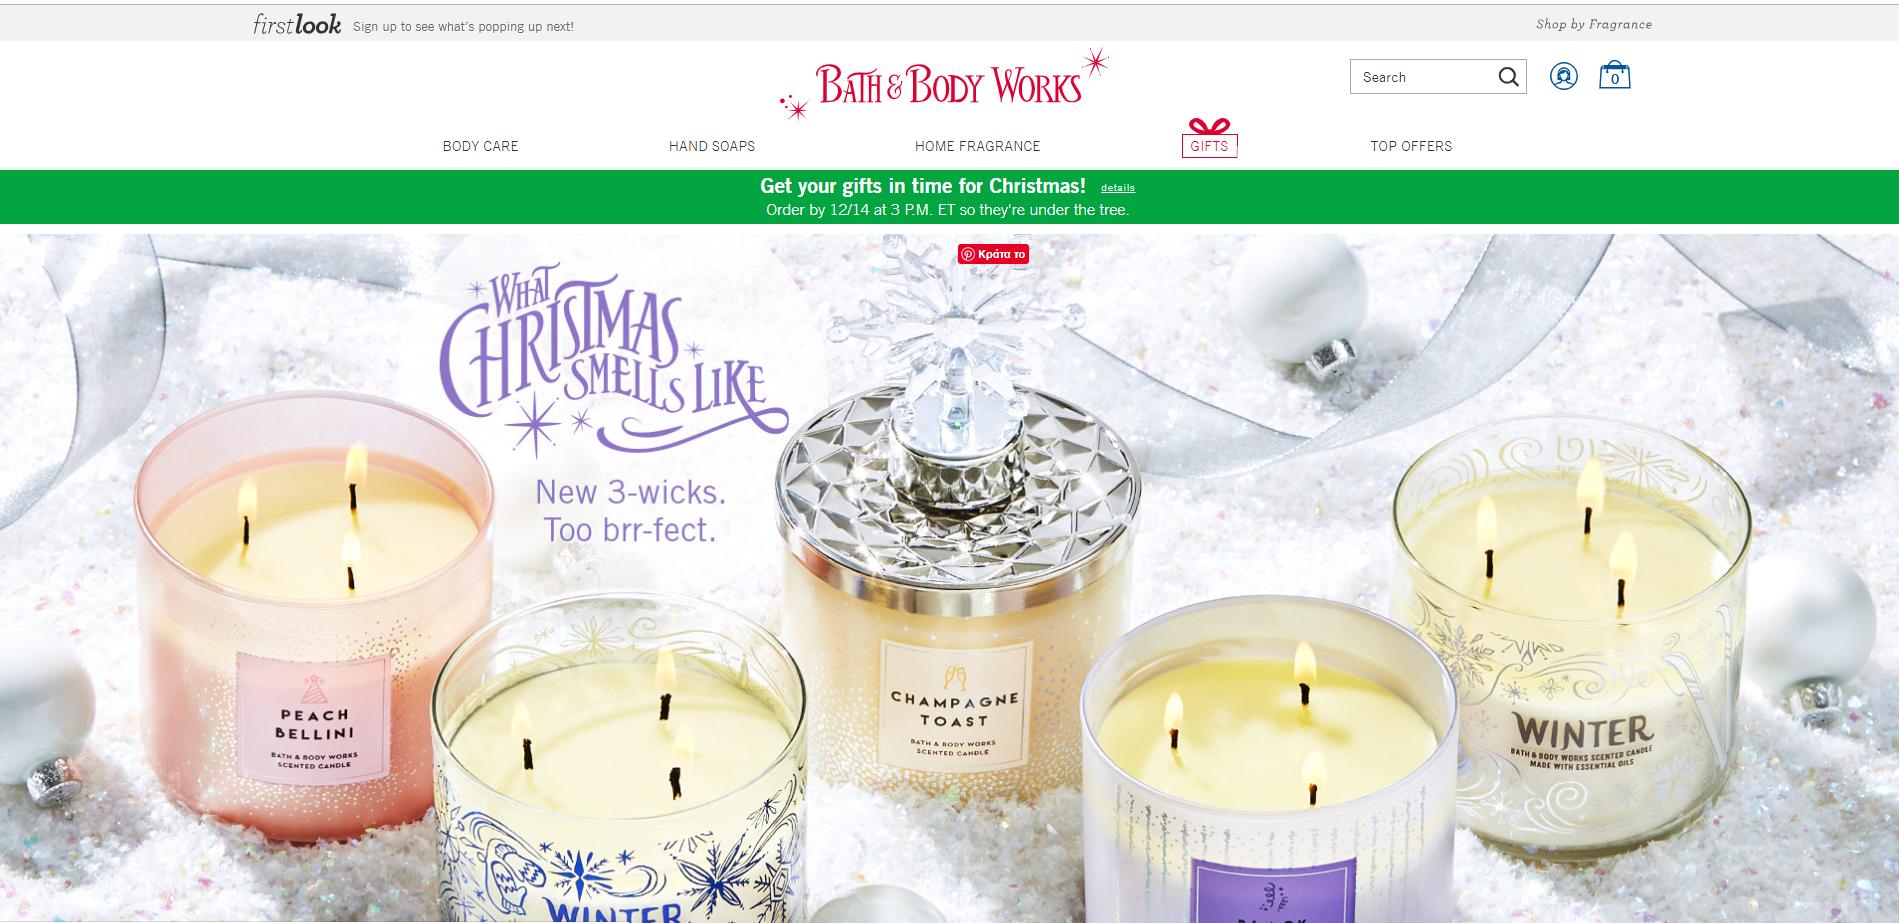 Παράδειγμα διαμόρφωσης αρχικής σελίδας e-shop για τα Χριστούγεννα από το Bath & Body Works